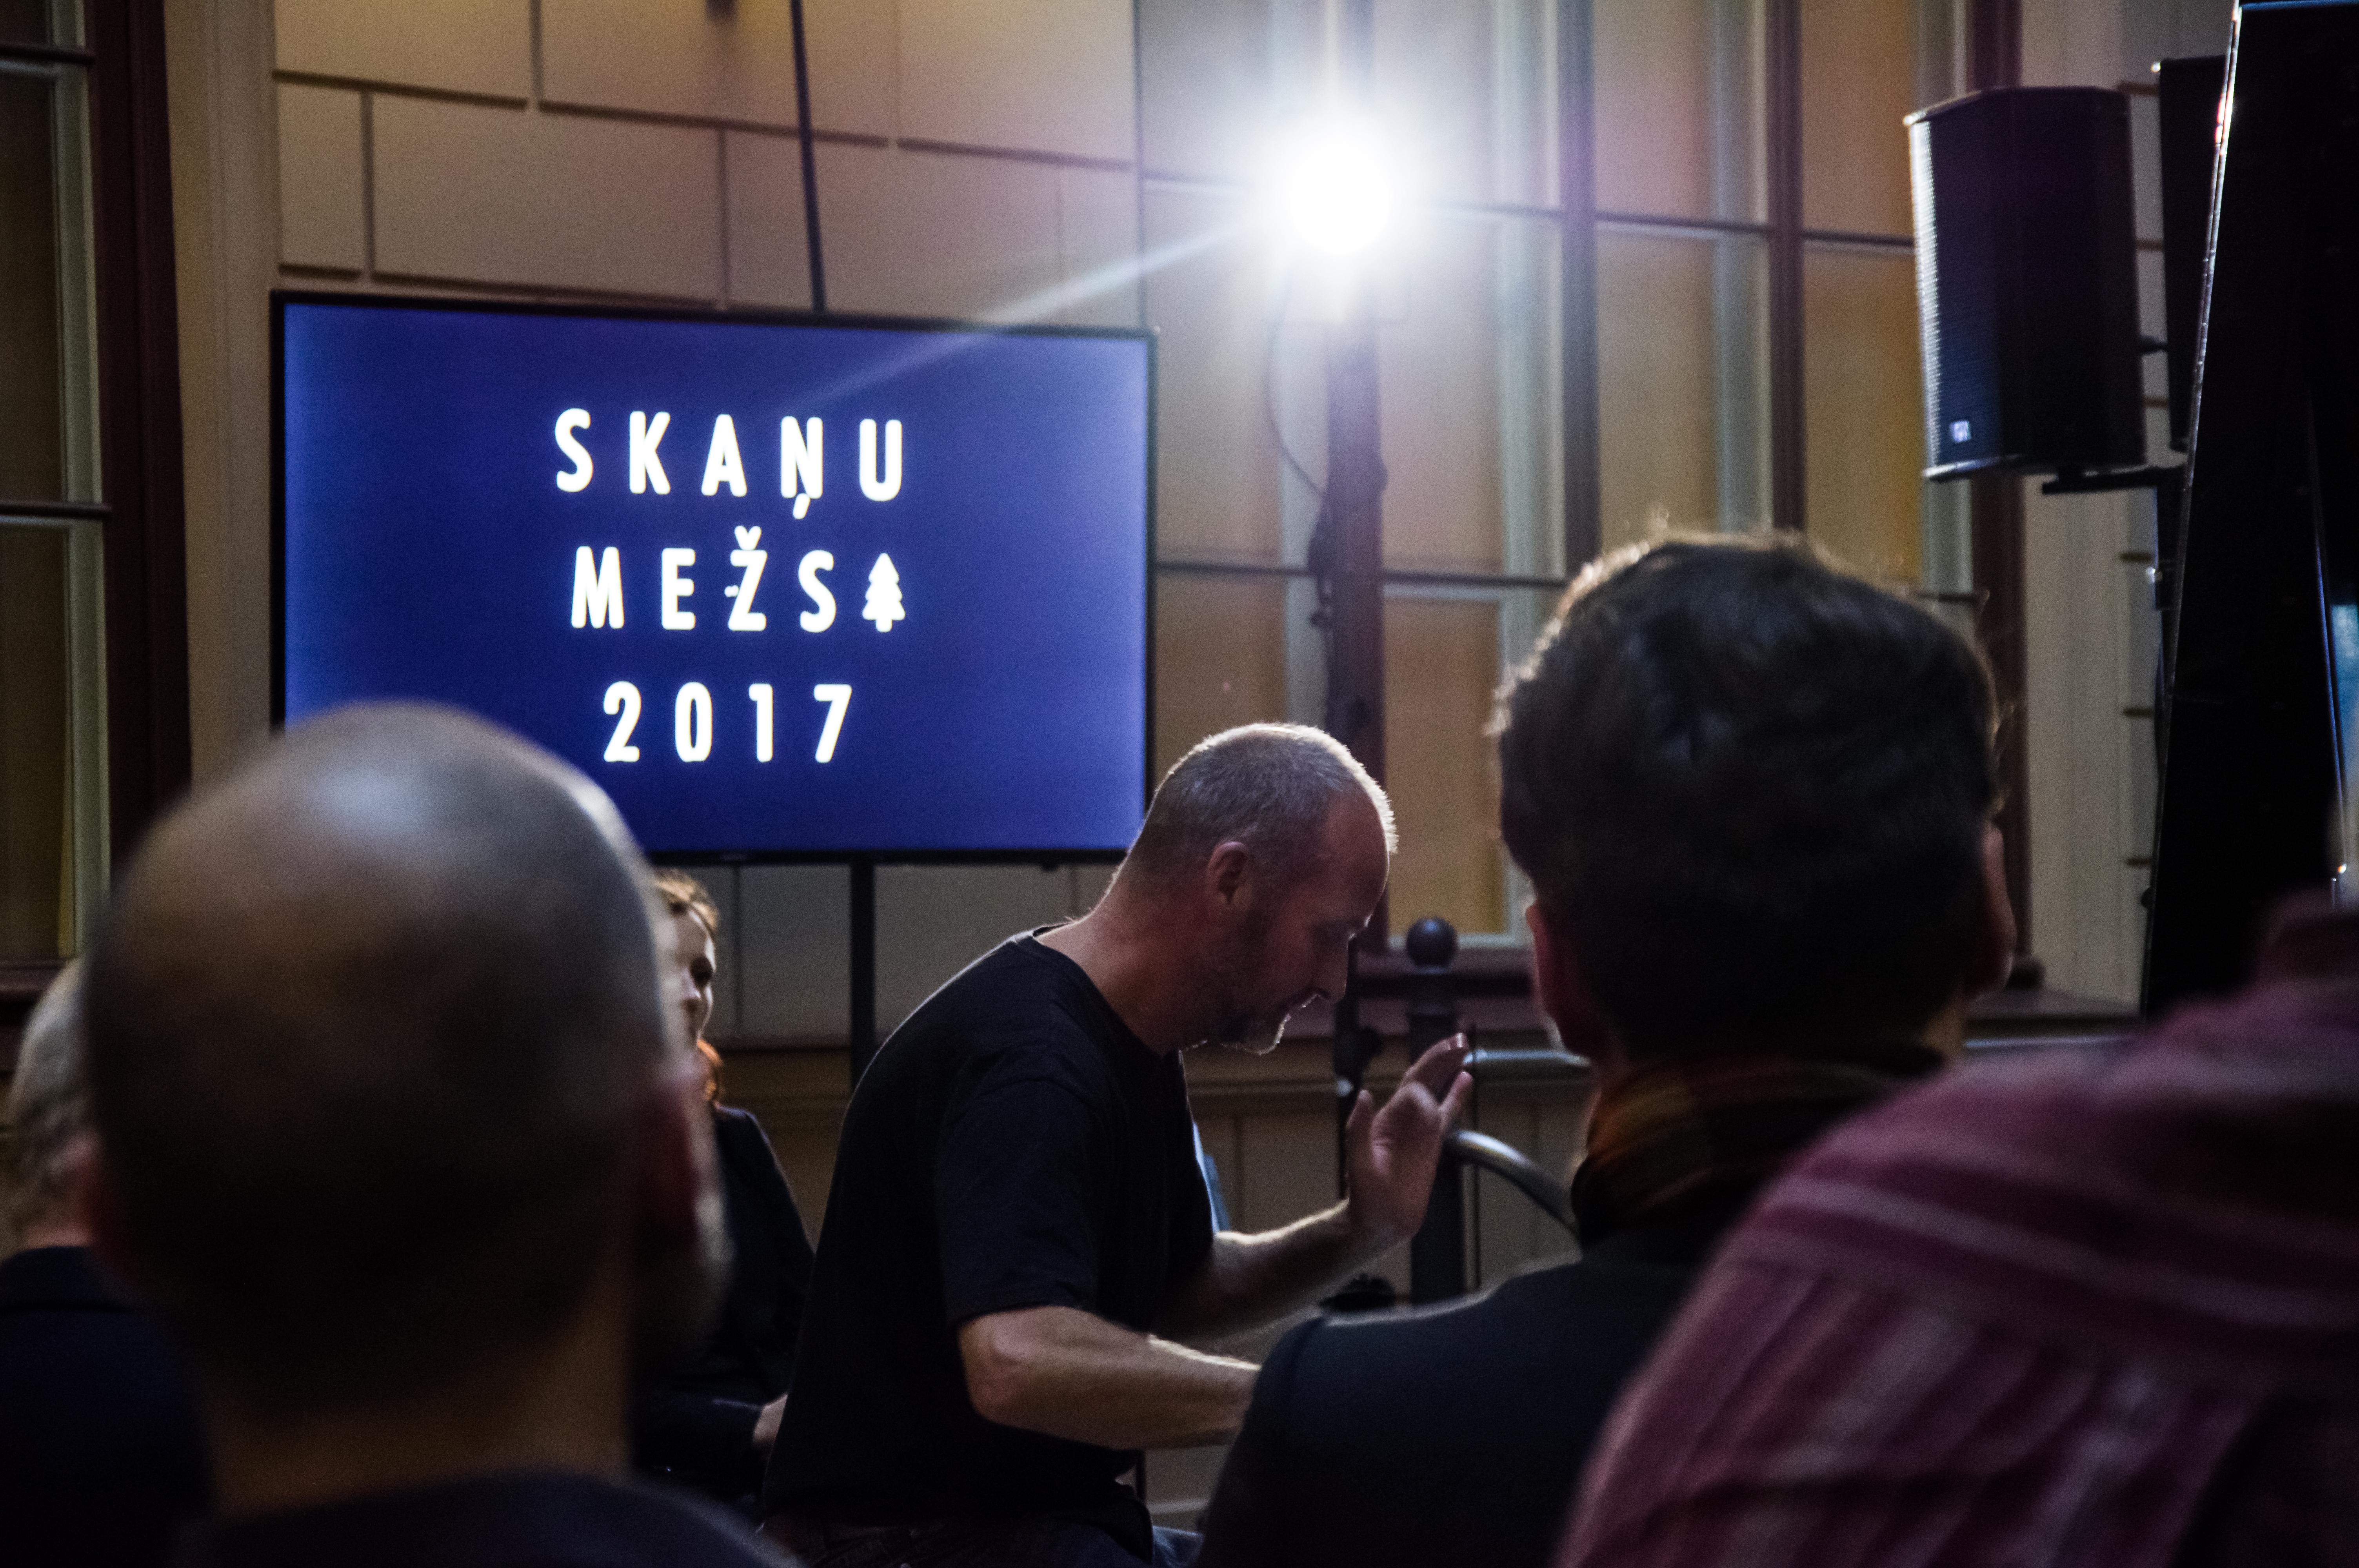 Skanu_Mezs_2017_Birza-2